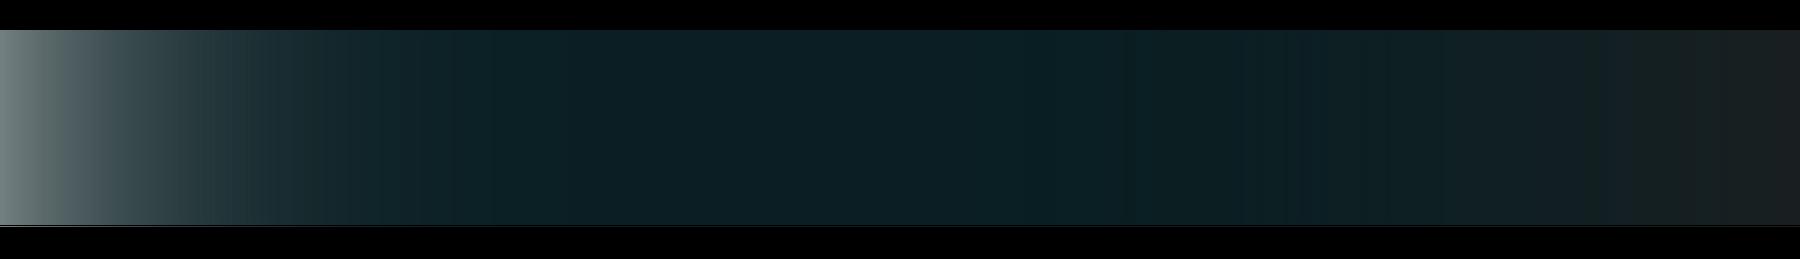 DarkGreen-Fade.png